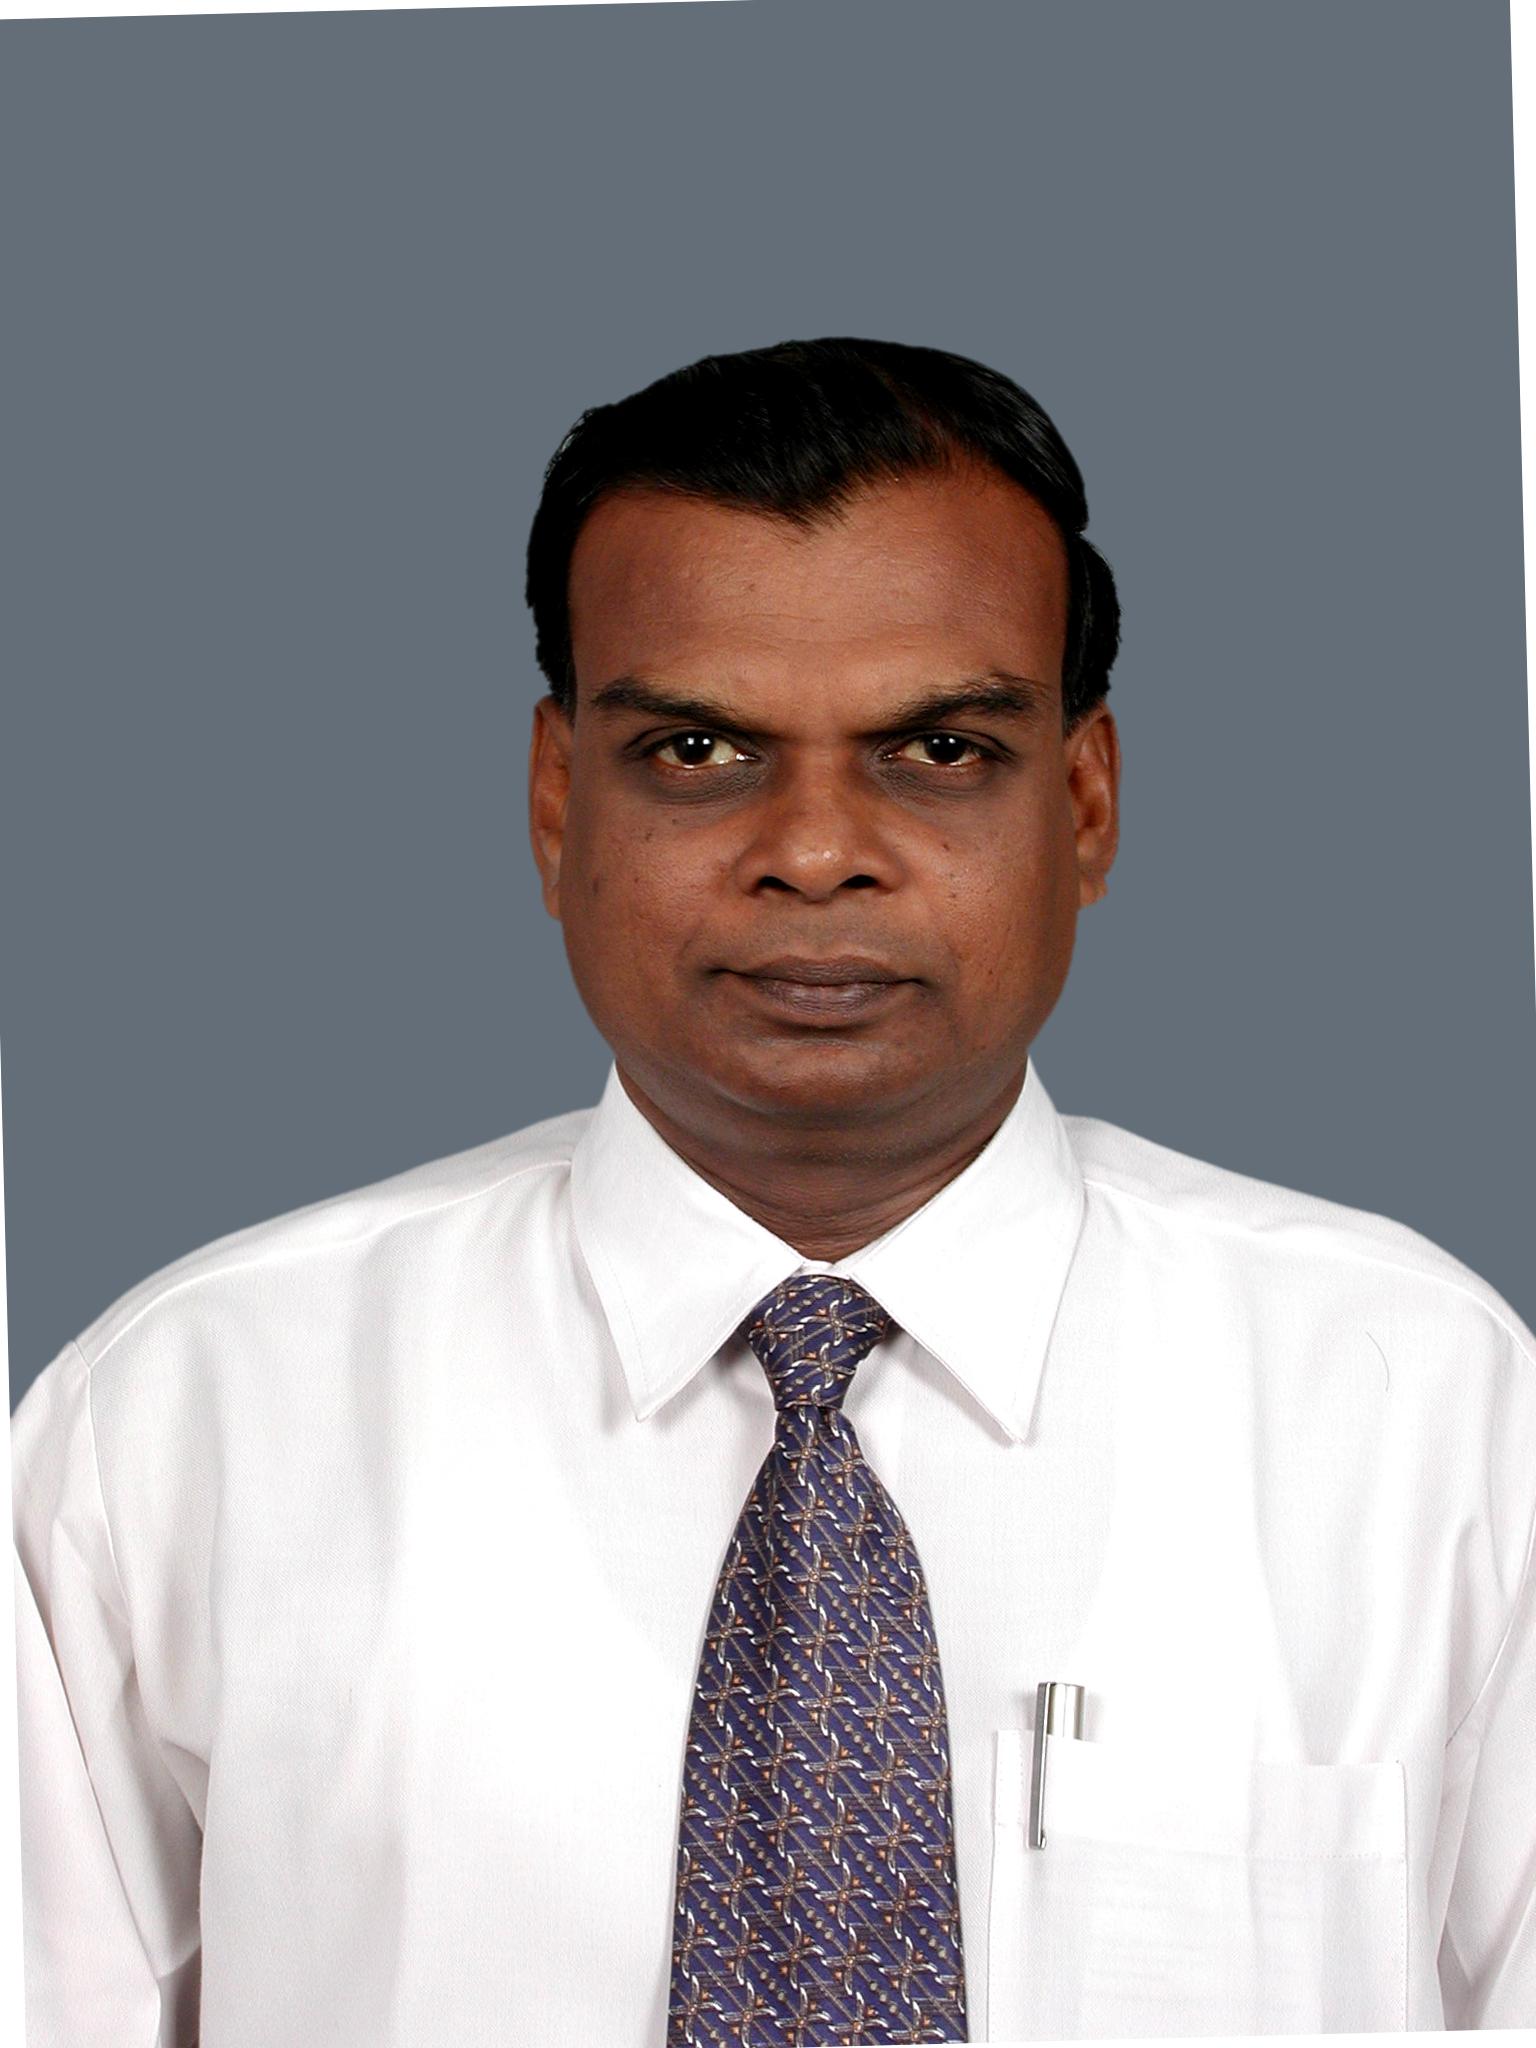 Wilfred Raju